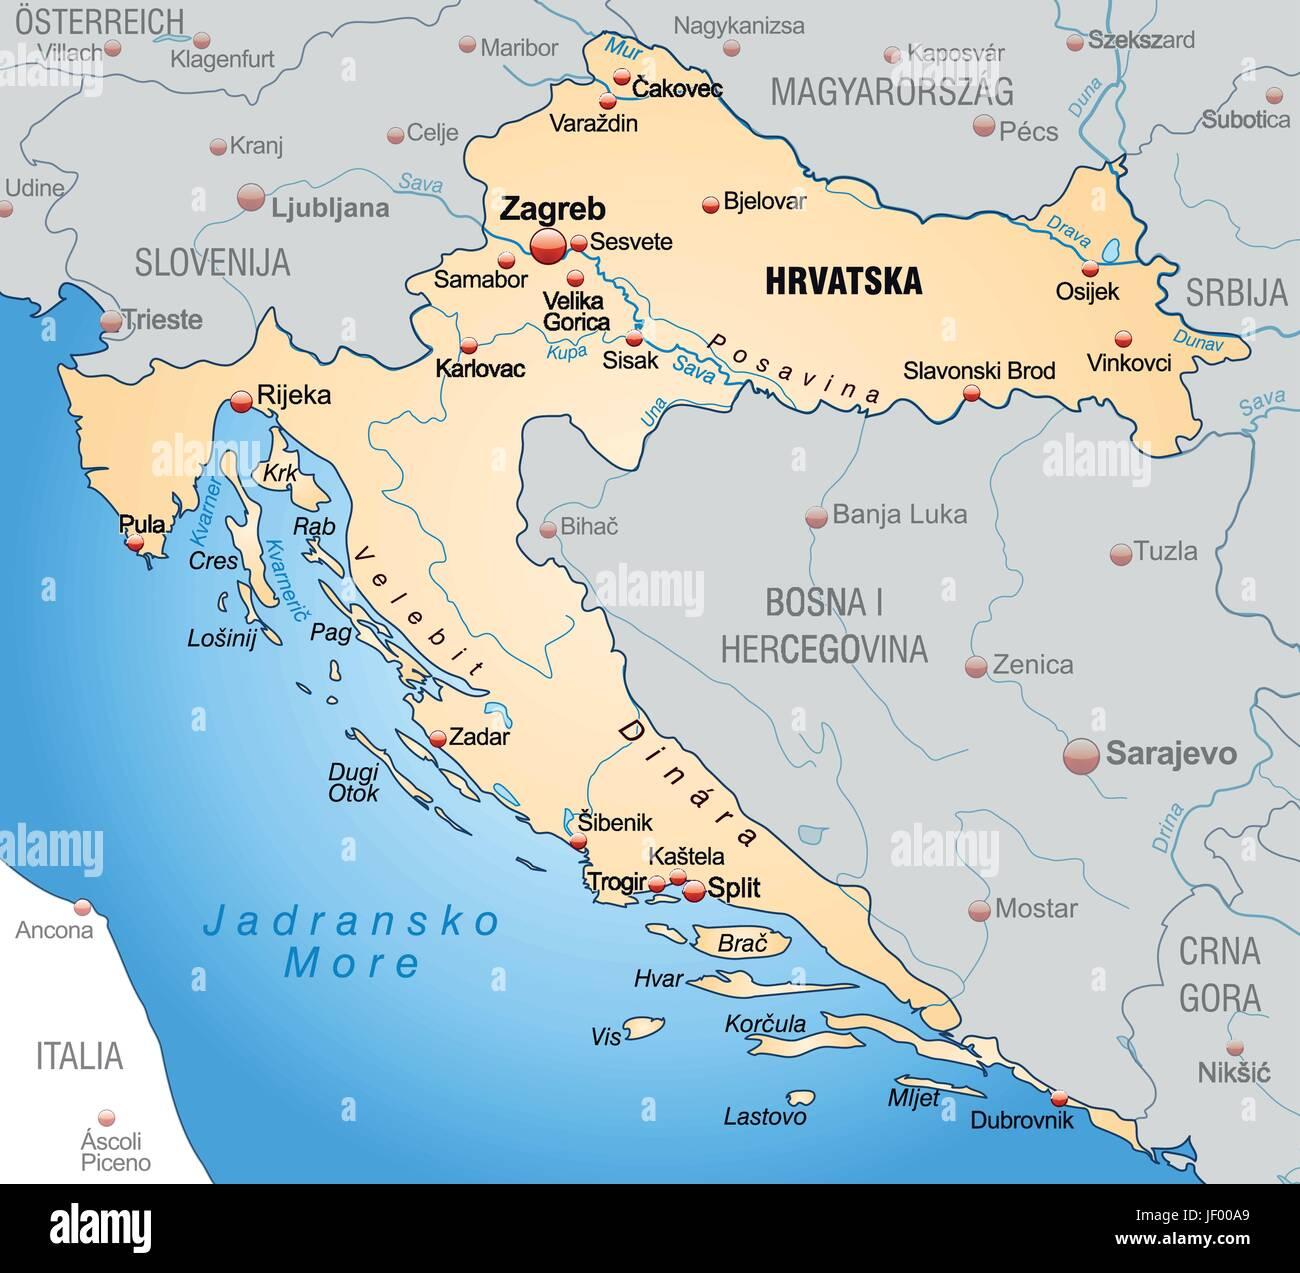 Carte Croatie Dans Le Monde.Border Carte Croatie Synopsis Frontieres Atlas Carte